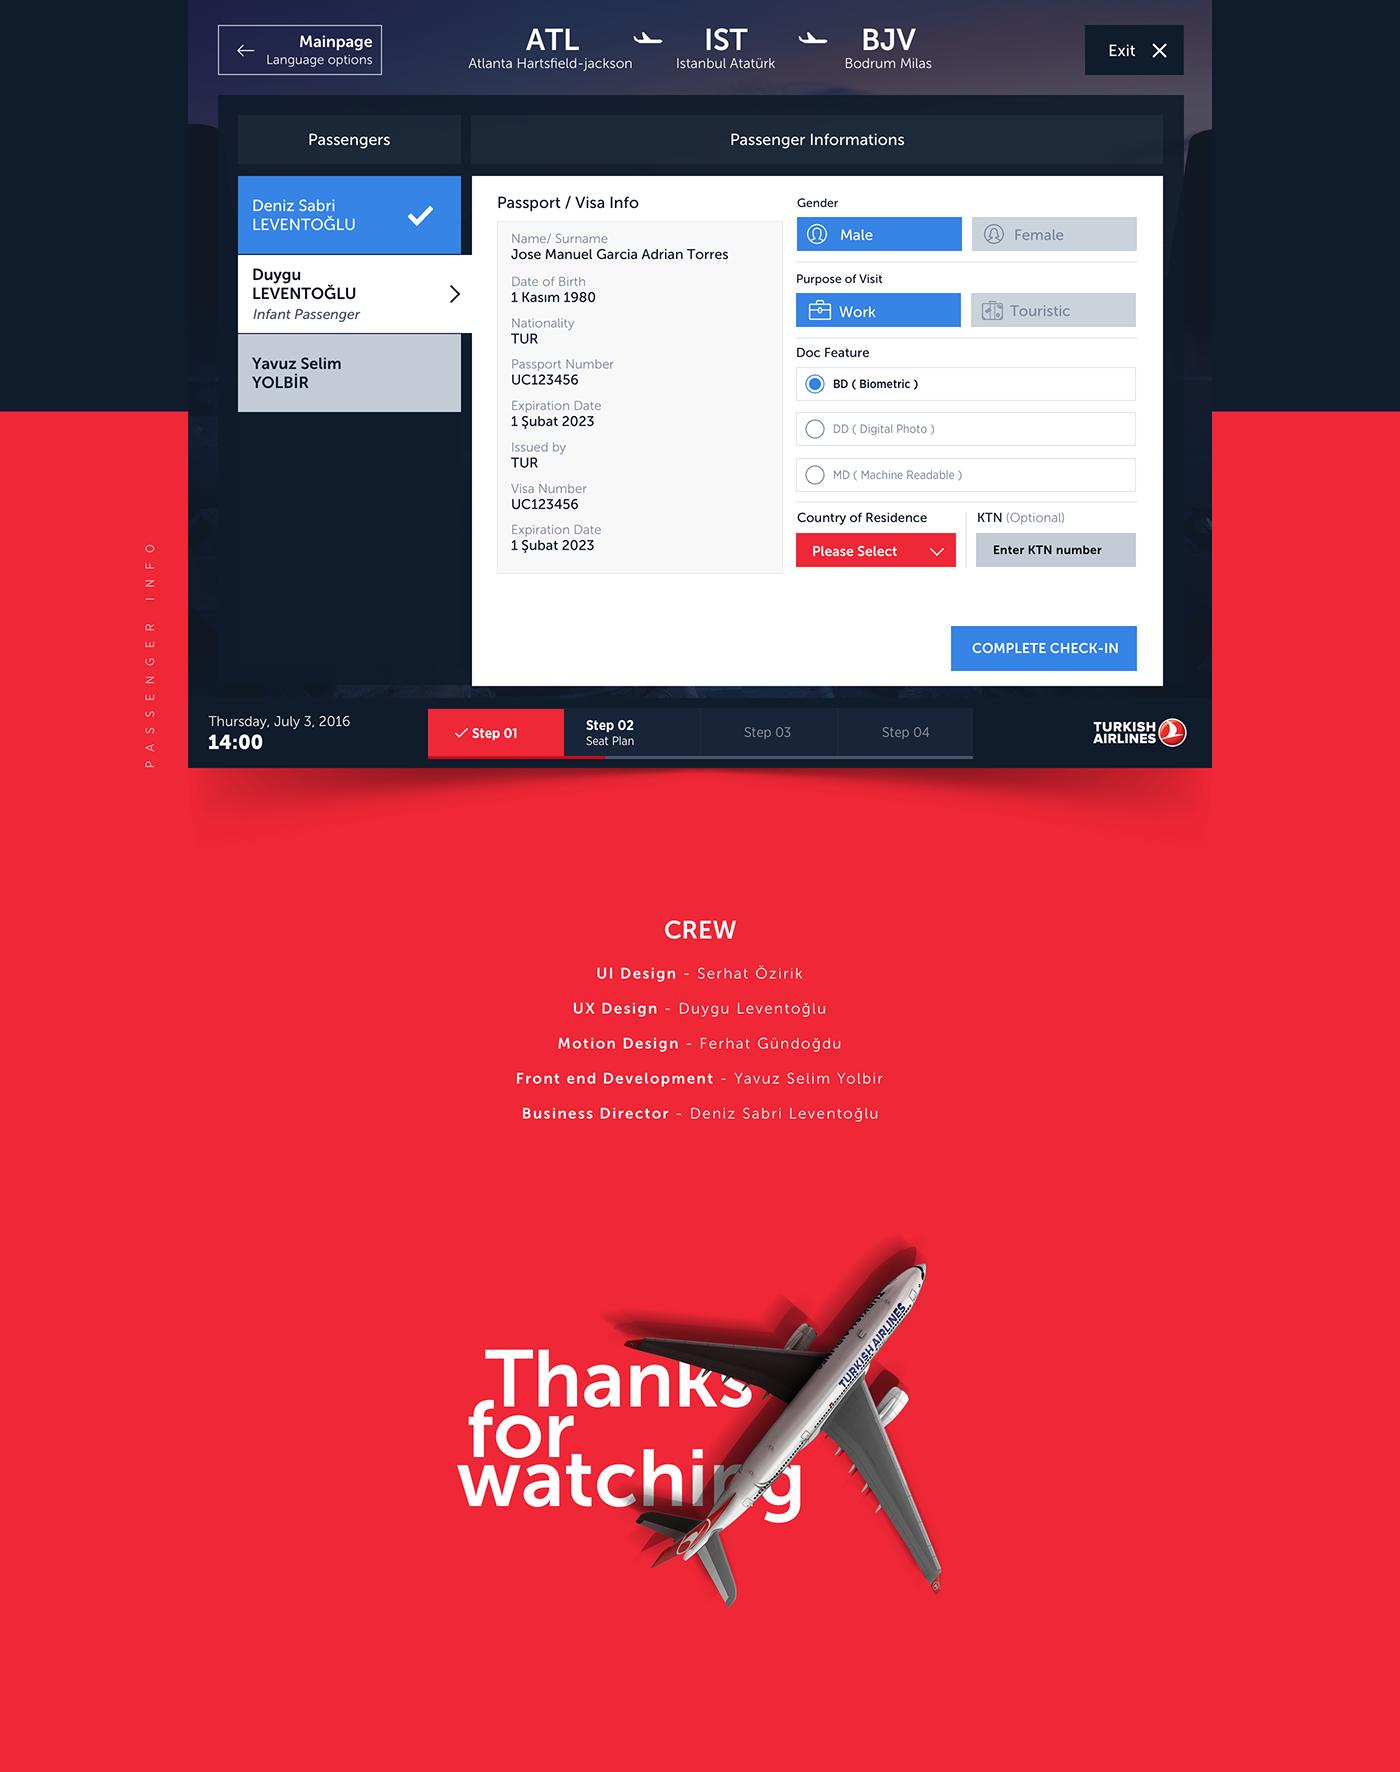 kiosks checkin seat Plan ticket plane turkish Airlines UI ux